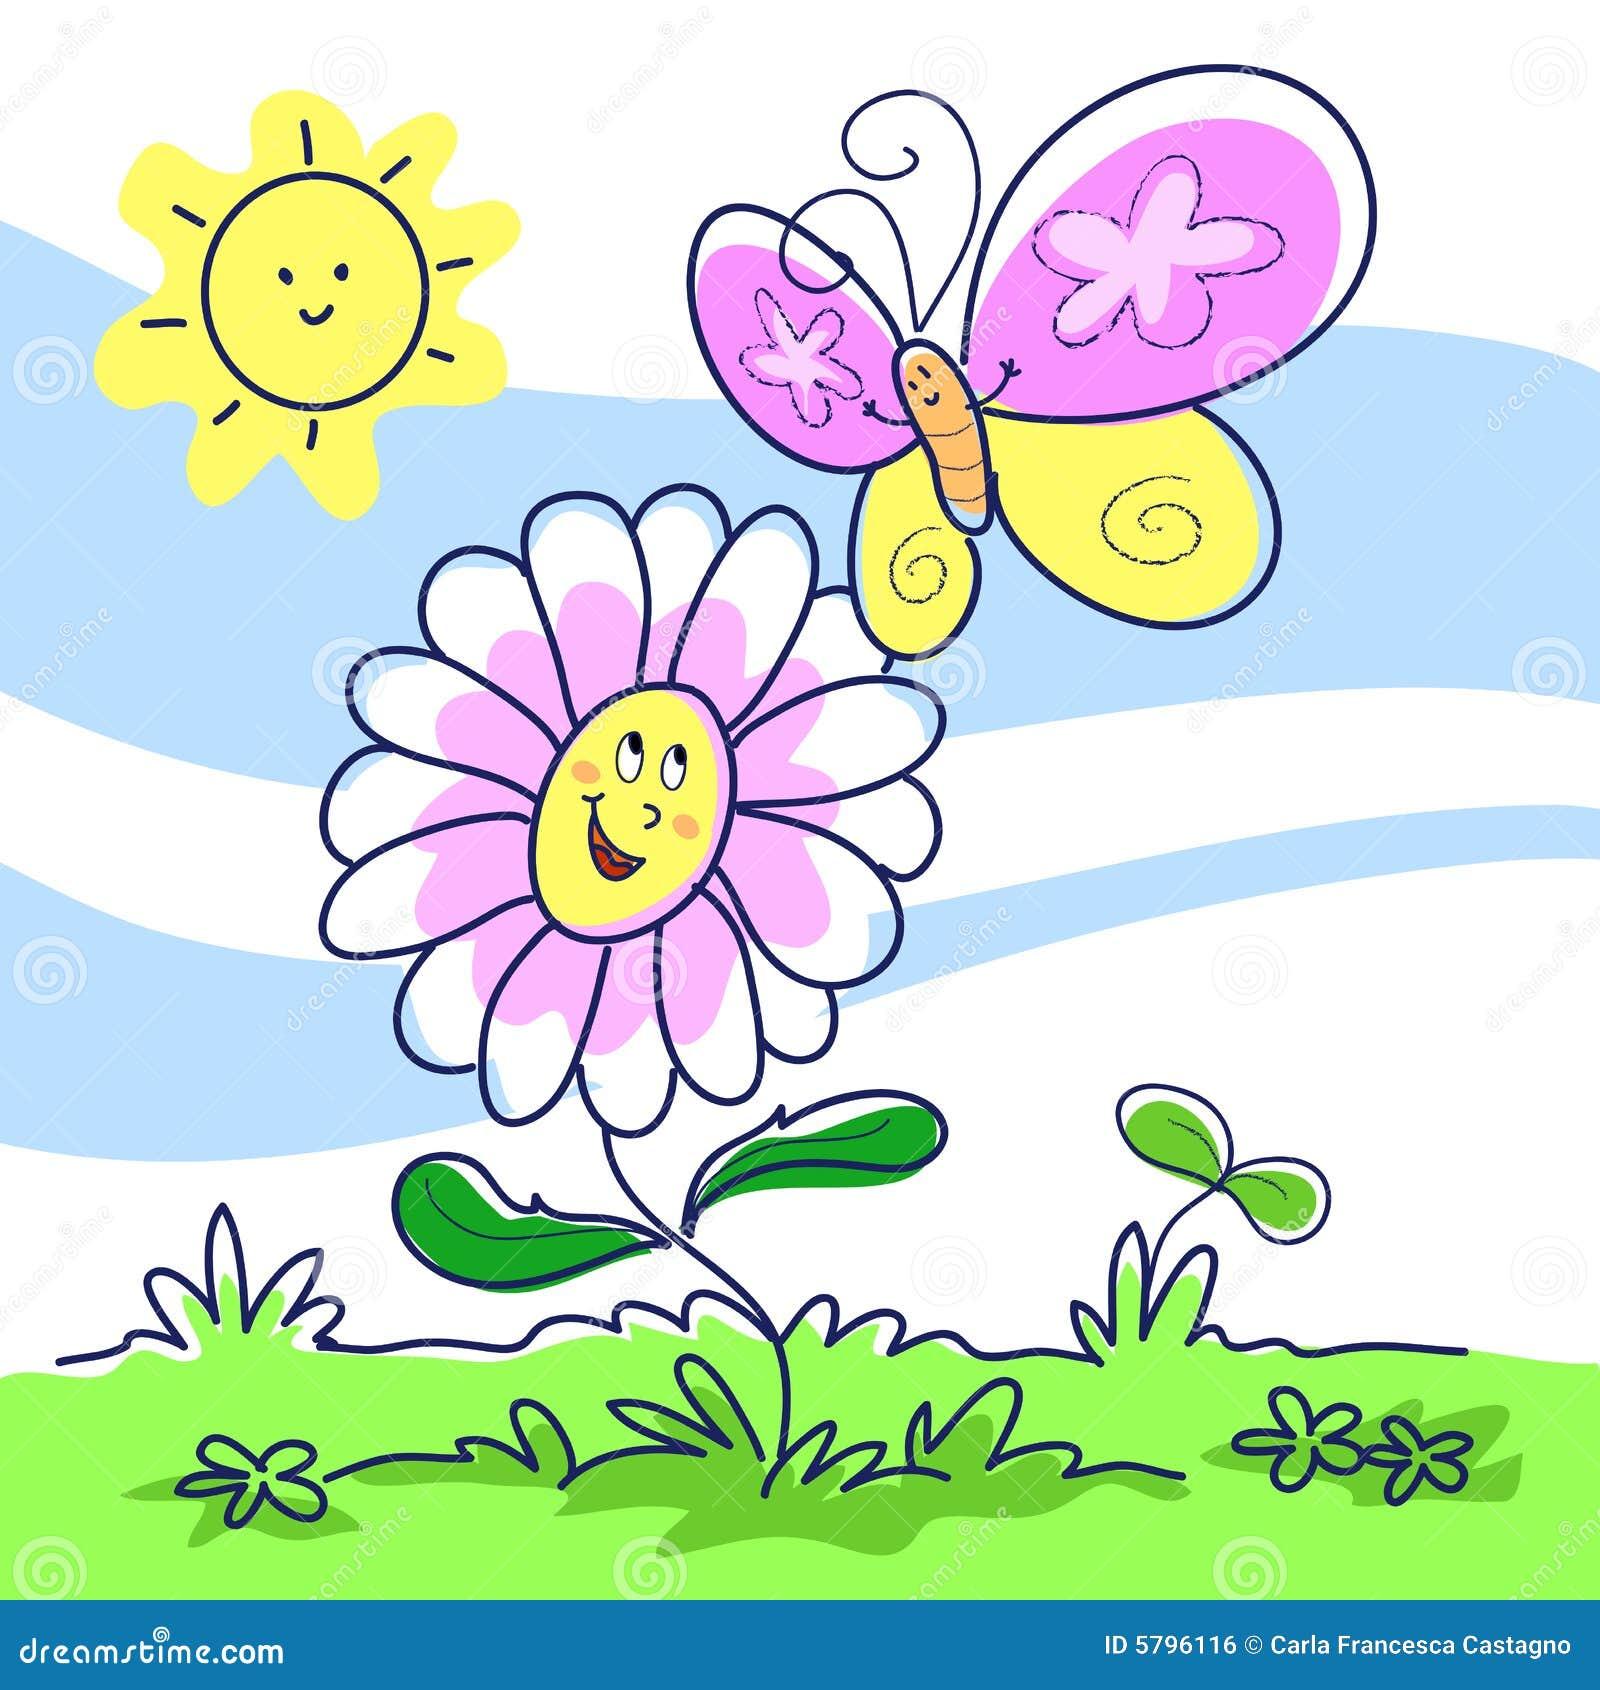 Spring cartoon illustration stock vector illustration of spring cartoon illustration biocorpaavc